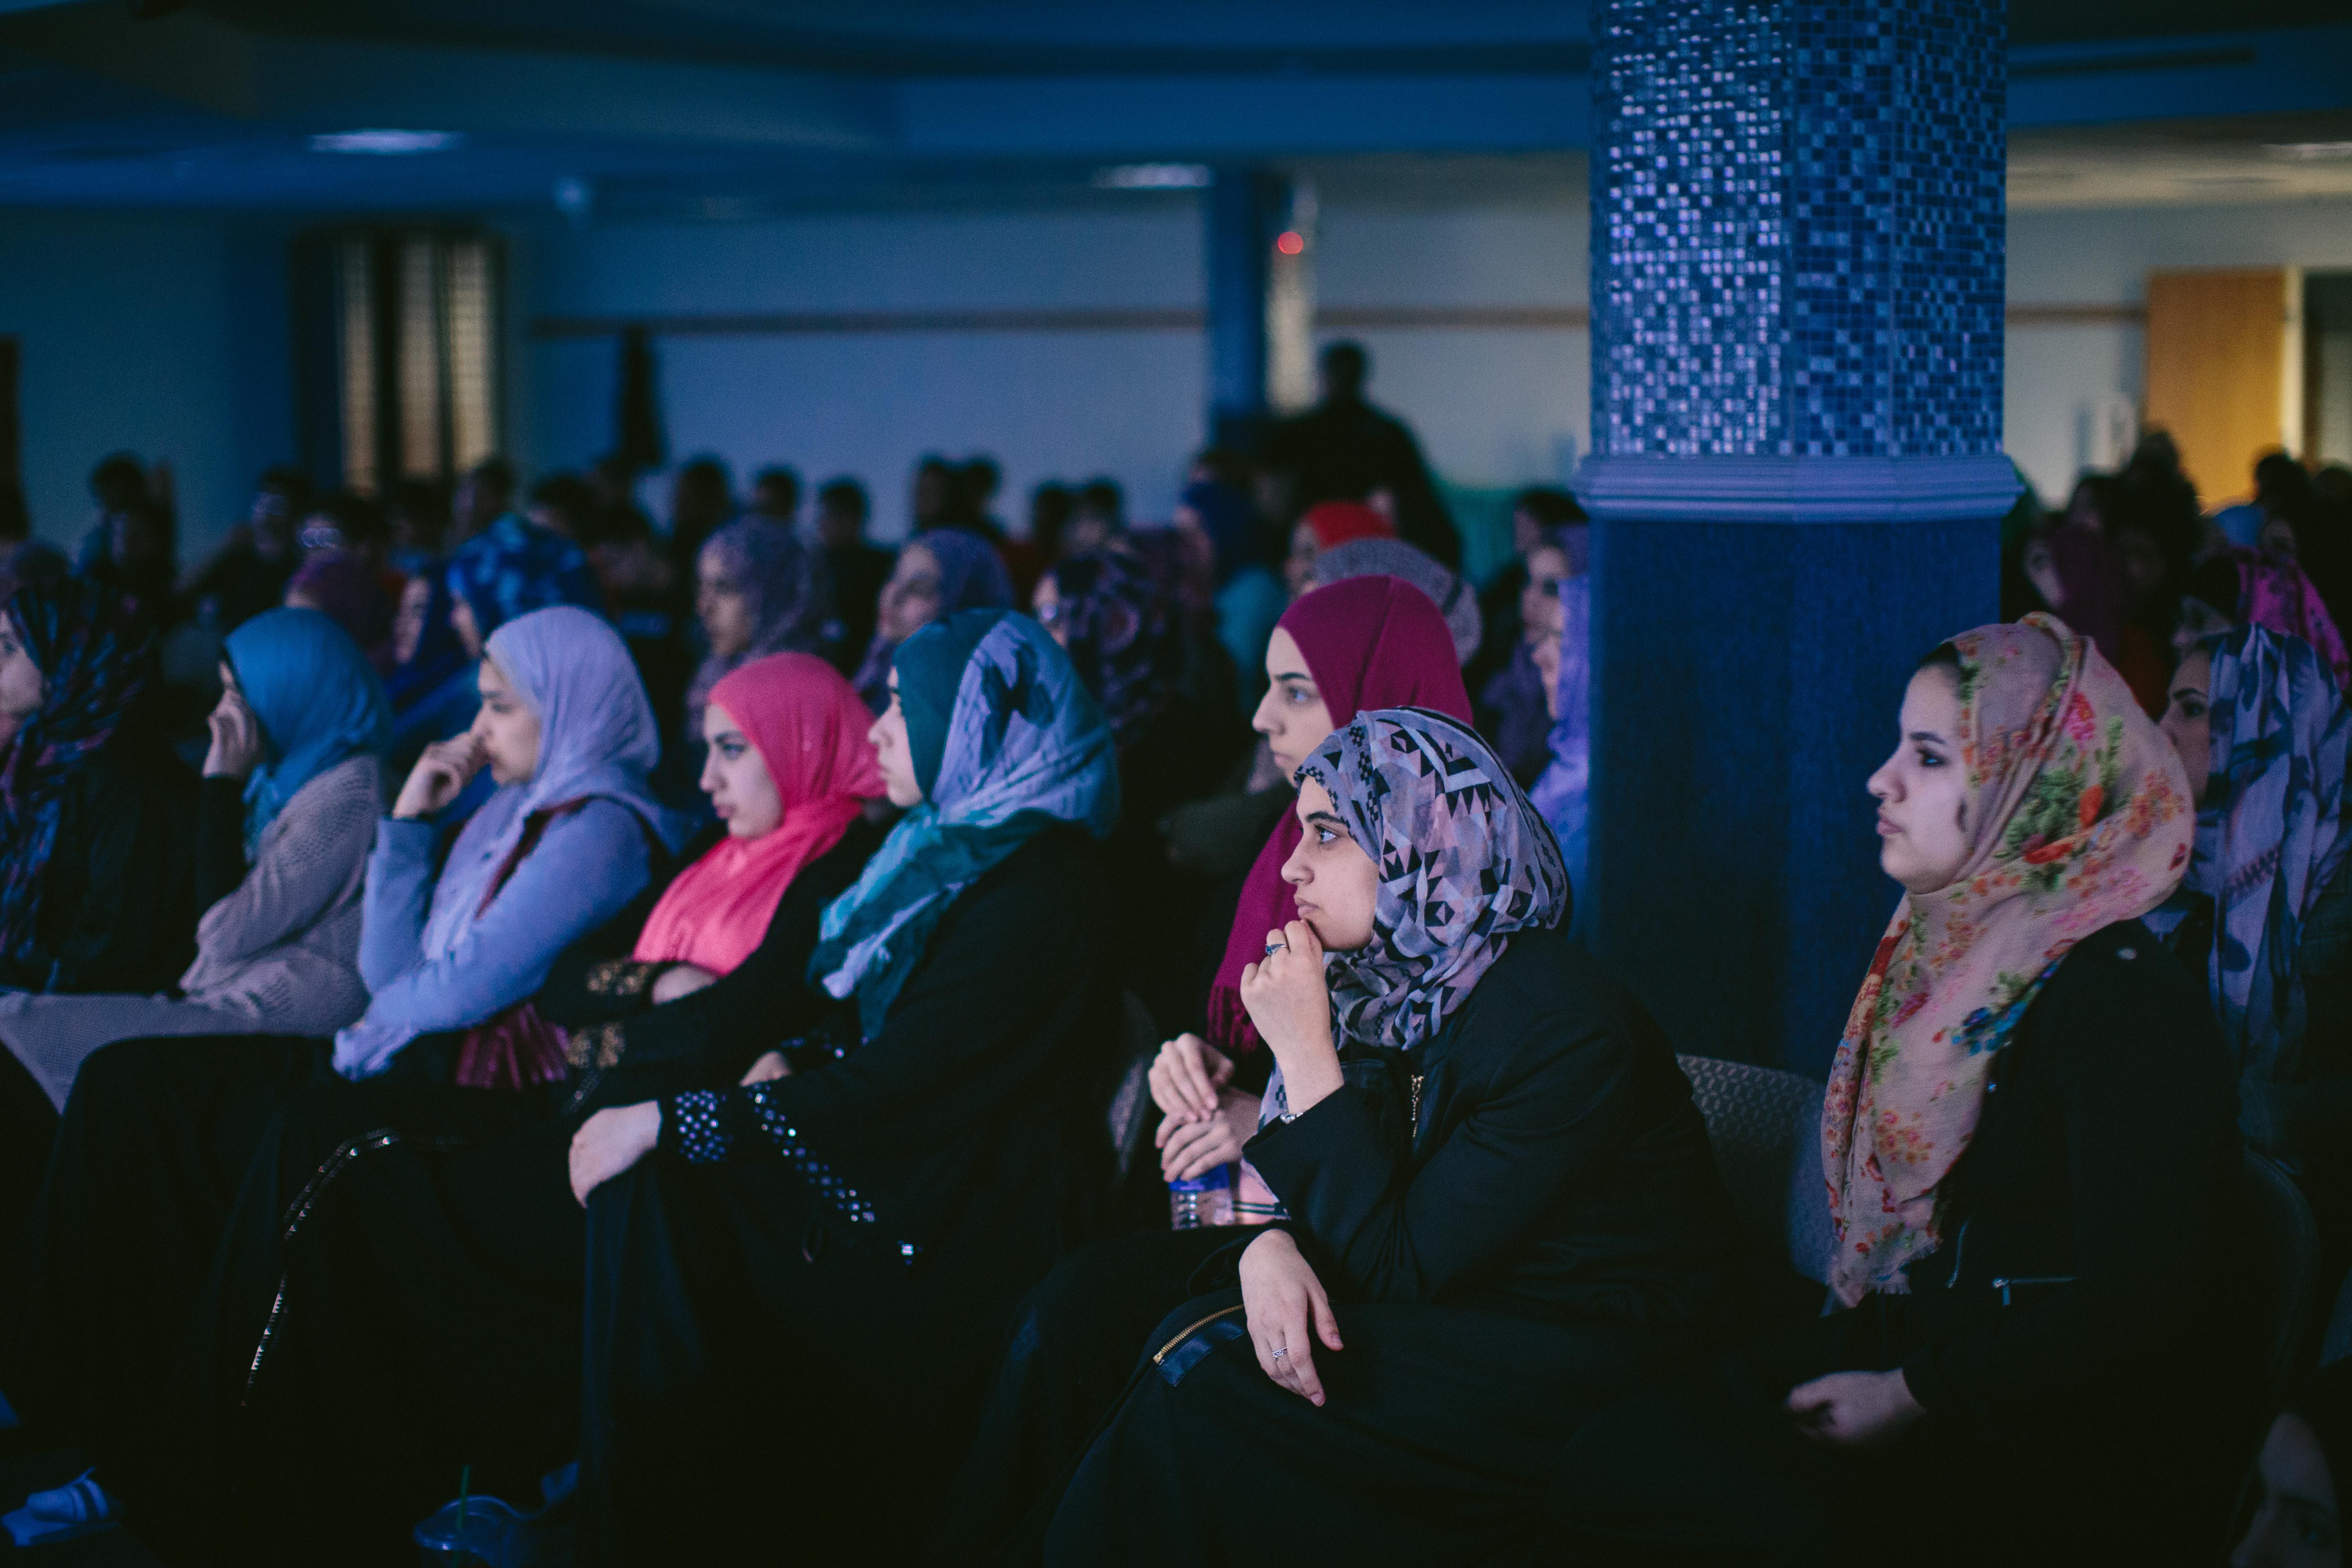 Young Muslim women listen to a testimonial at The Prayer Center of Orland Park. (Alyssa Schukar/For WBEZ)